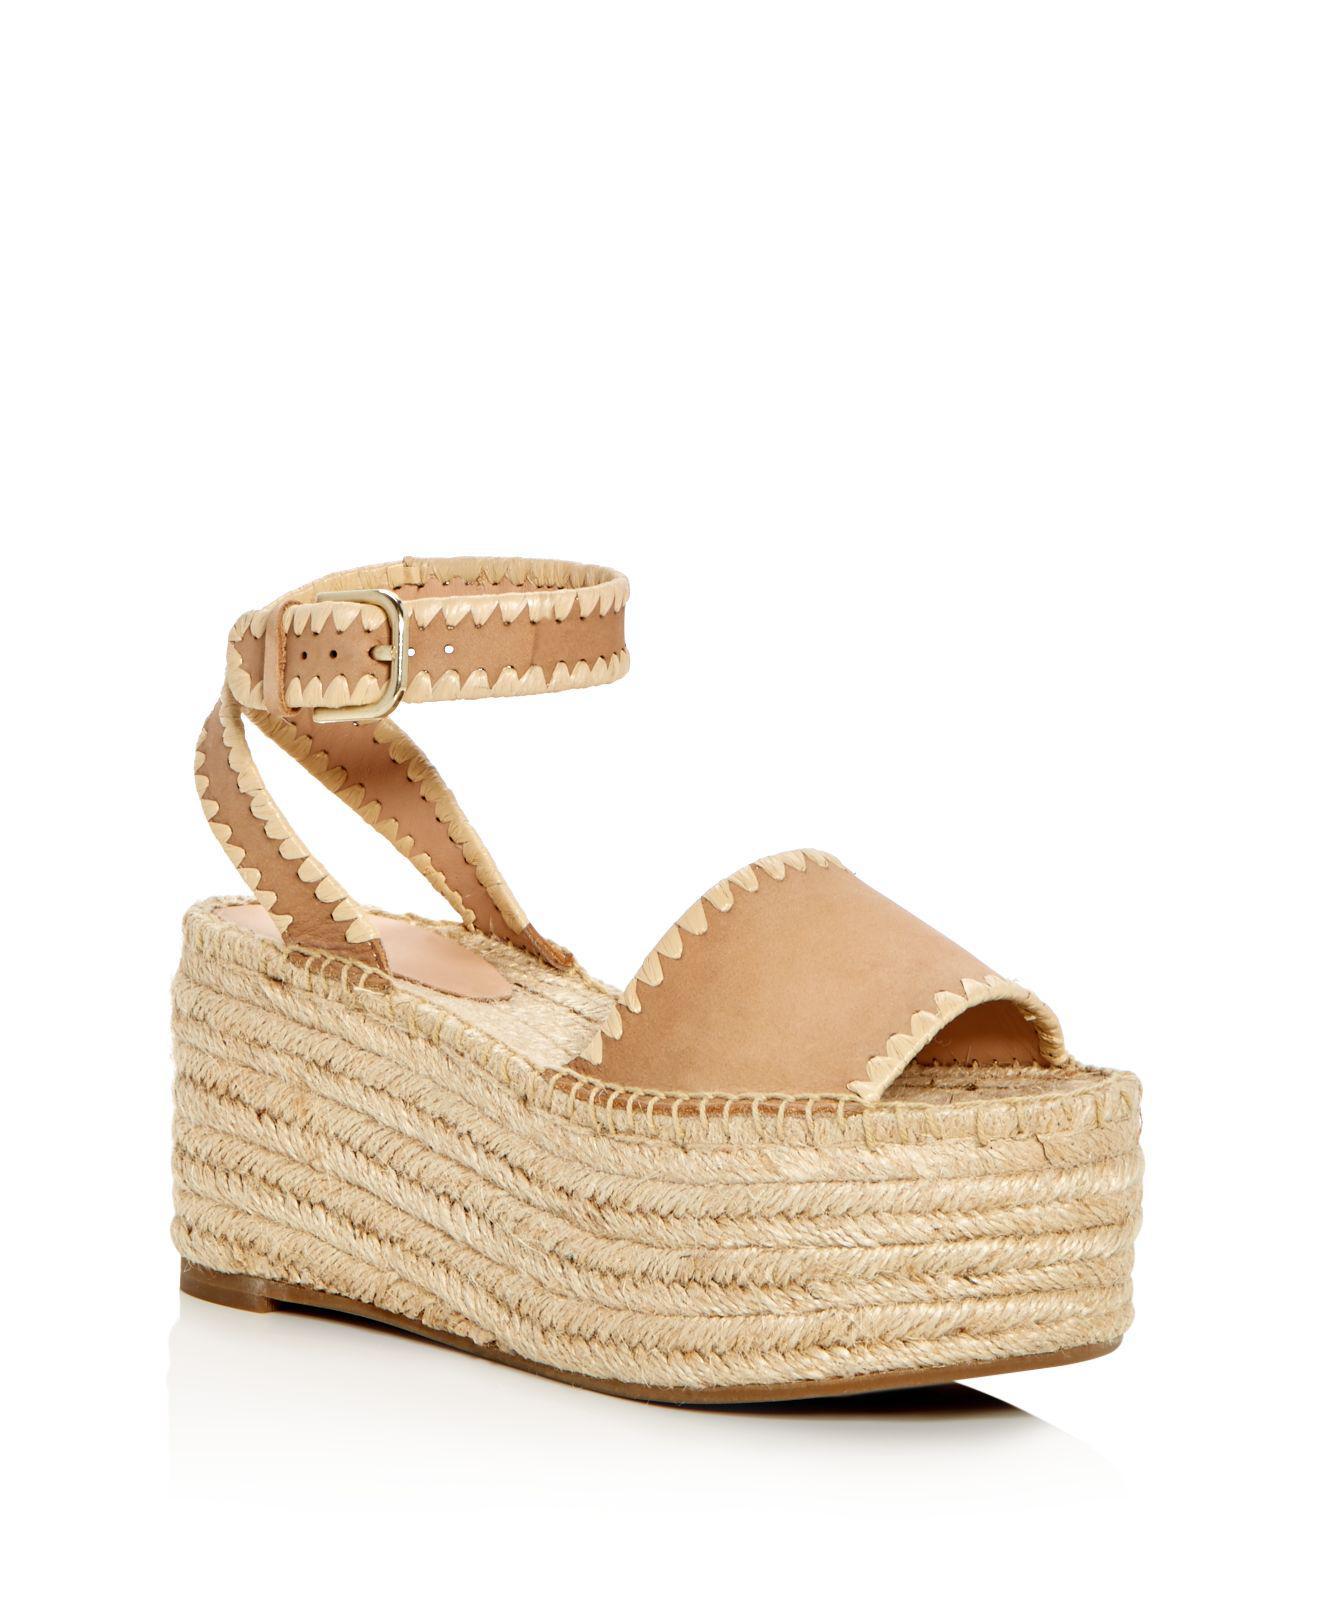 Pour La Victoire Women's Ria Suede & Raffia Espadrille Platform Wedge Sandals jHkJ8W0rL